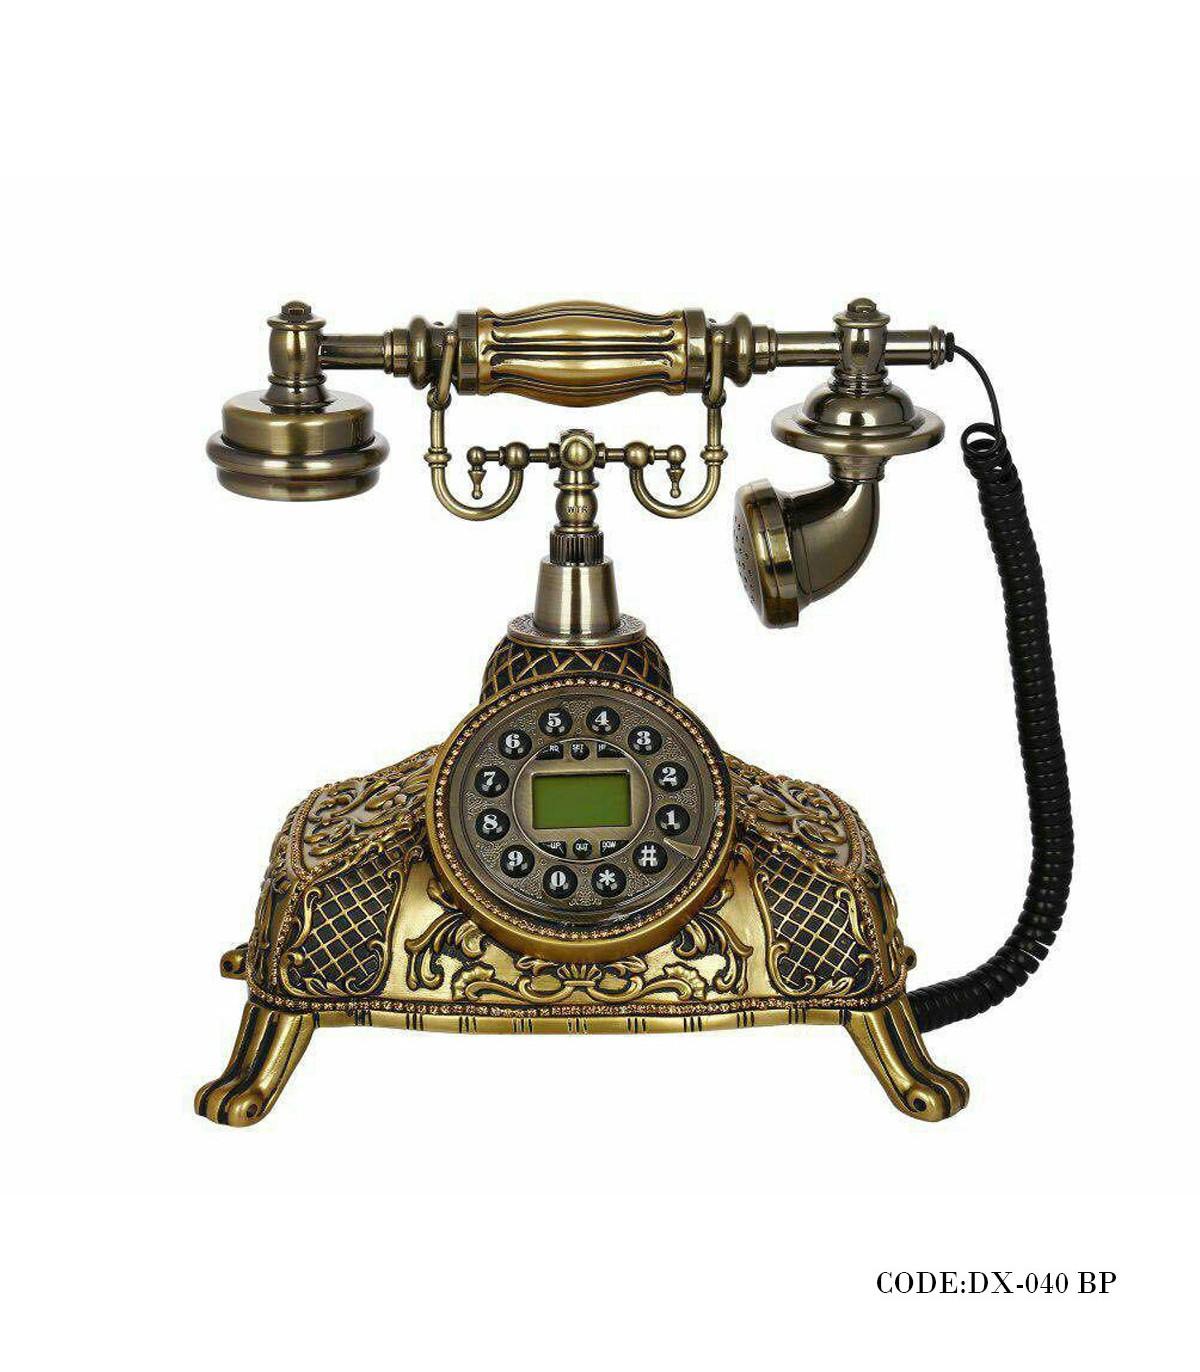 خرید تلفن رومیزی کلاسیک دکمه ای مدل 040BP